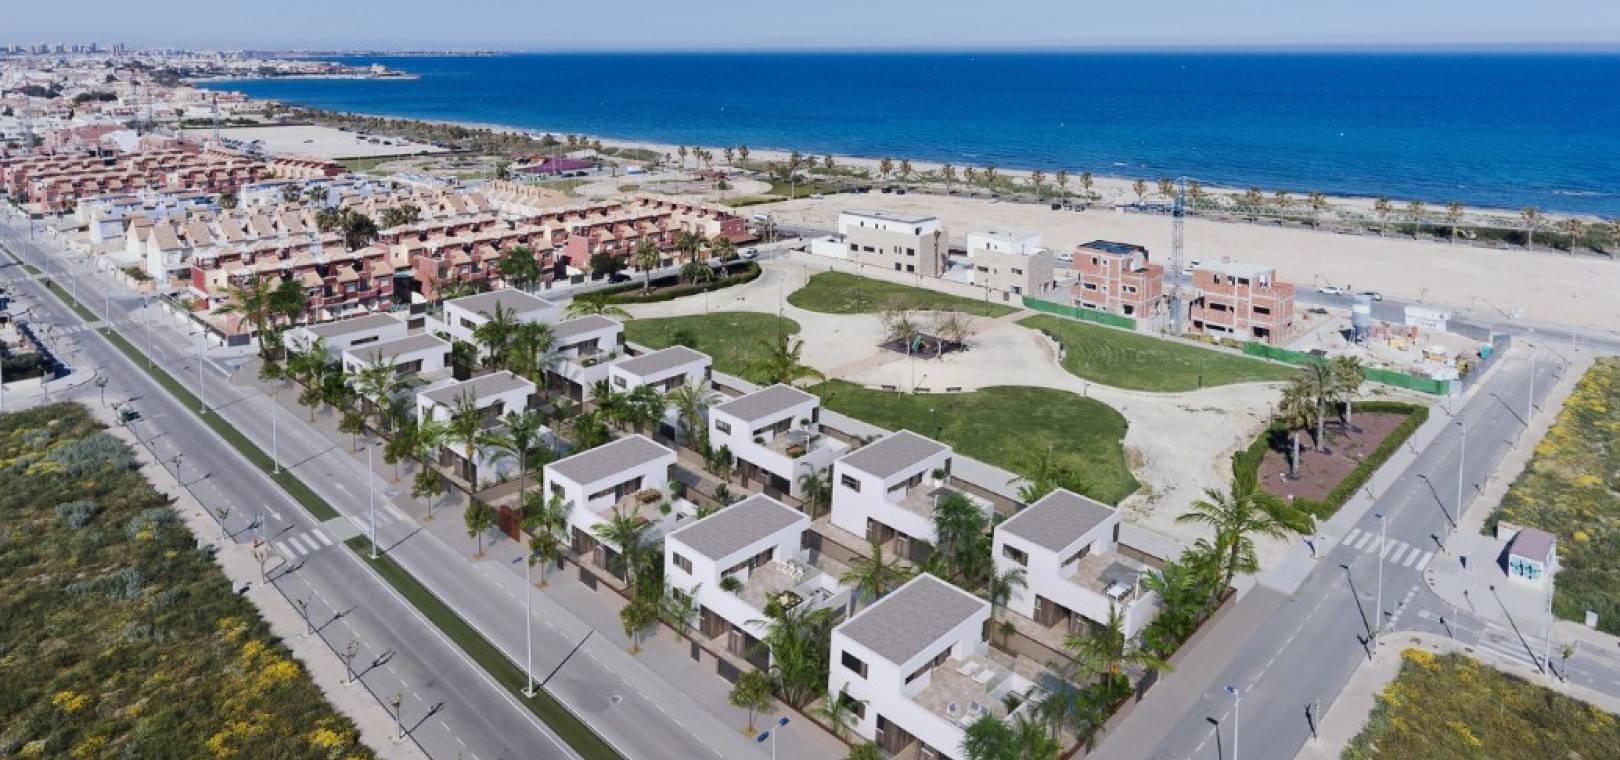 Torre_de_la_Horadada_New_Build_Luxury_Villas_For_Sale_nsp257_22